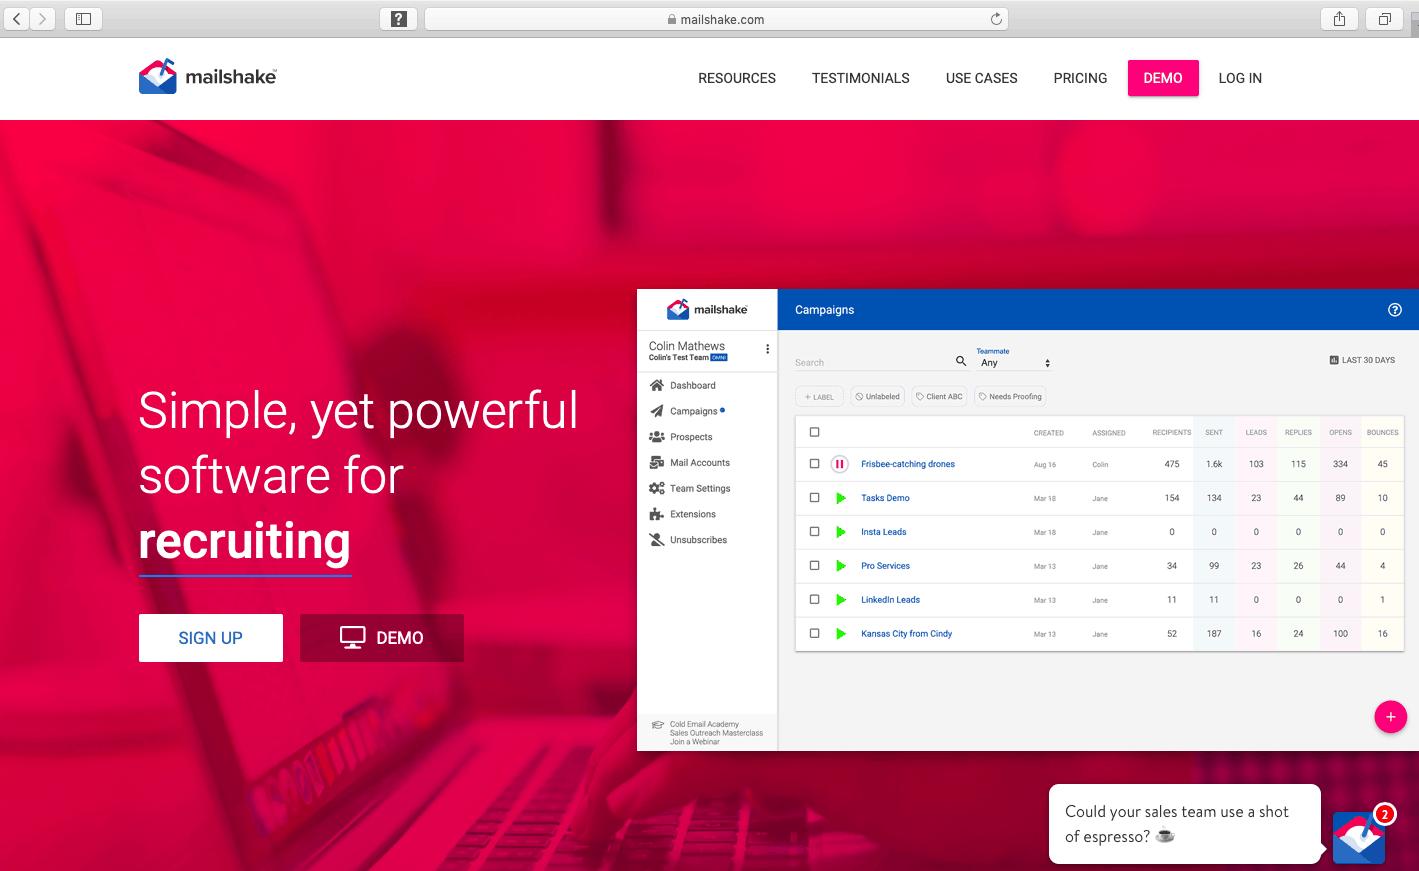 Mailshake webpage